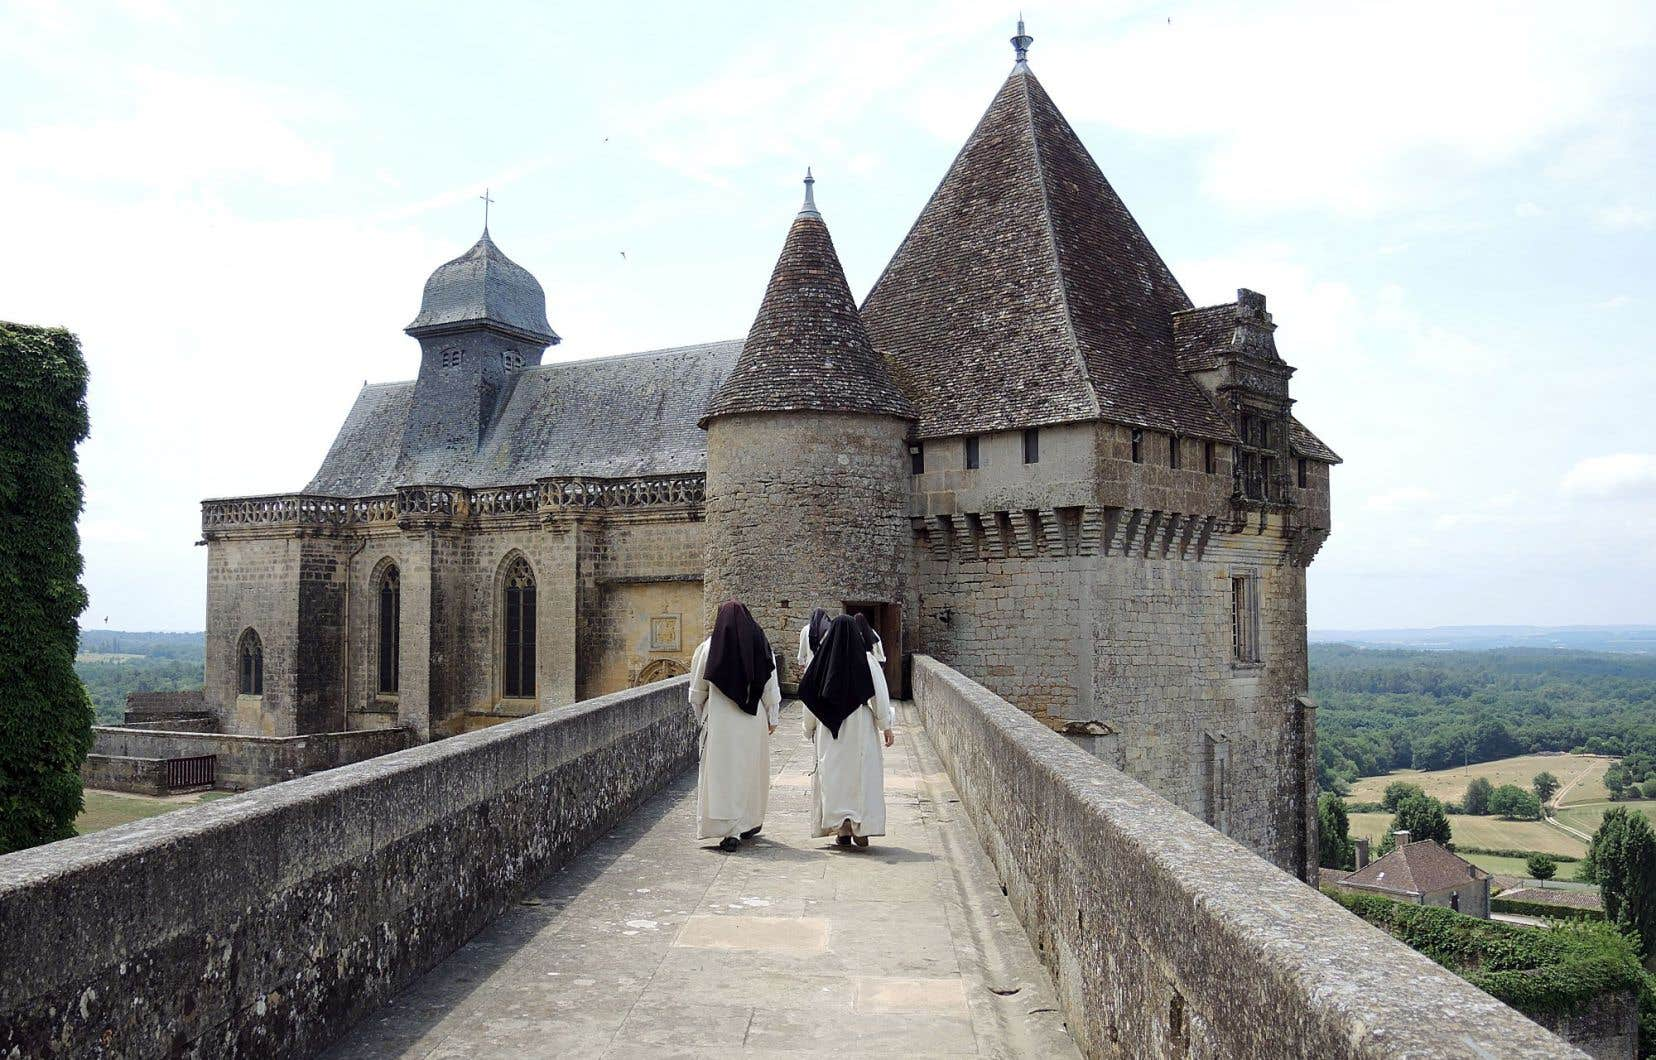 Situé dans la vallée de la Lède, dans le Périgord pourpre, le château de Biron, massif et imposant, offre une vue imprenable sur les environs verdoyants et bucoliques de la région.